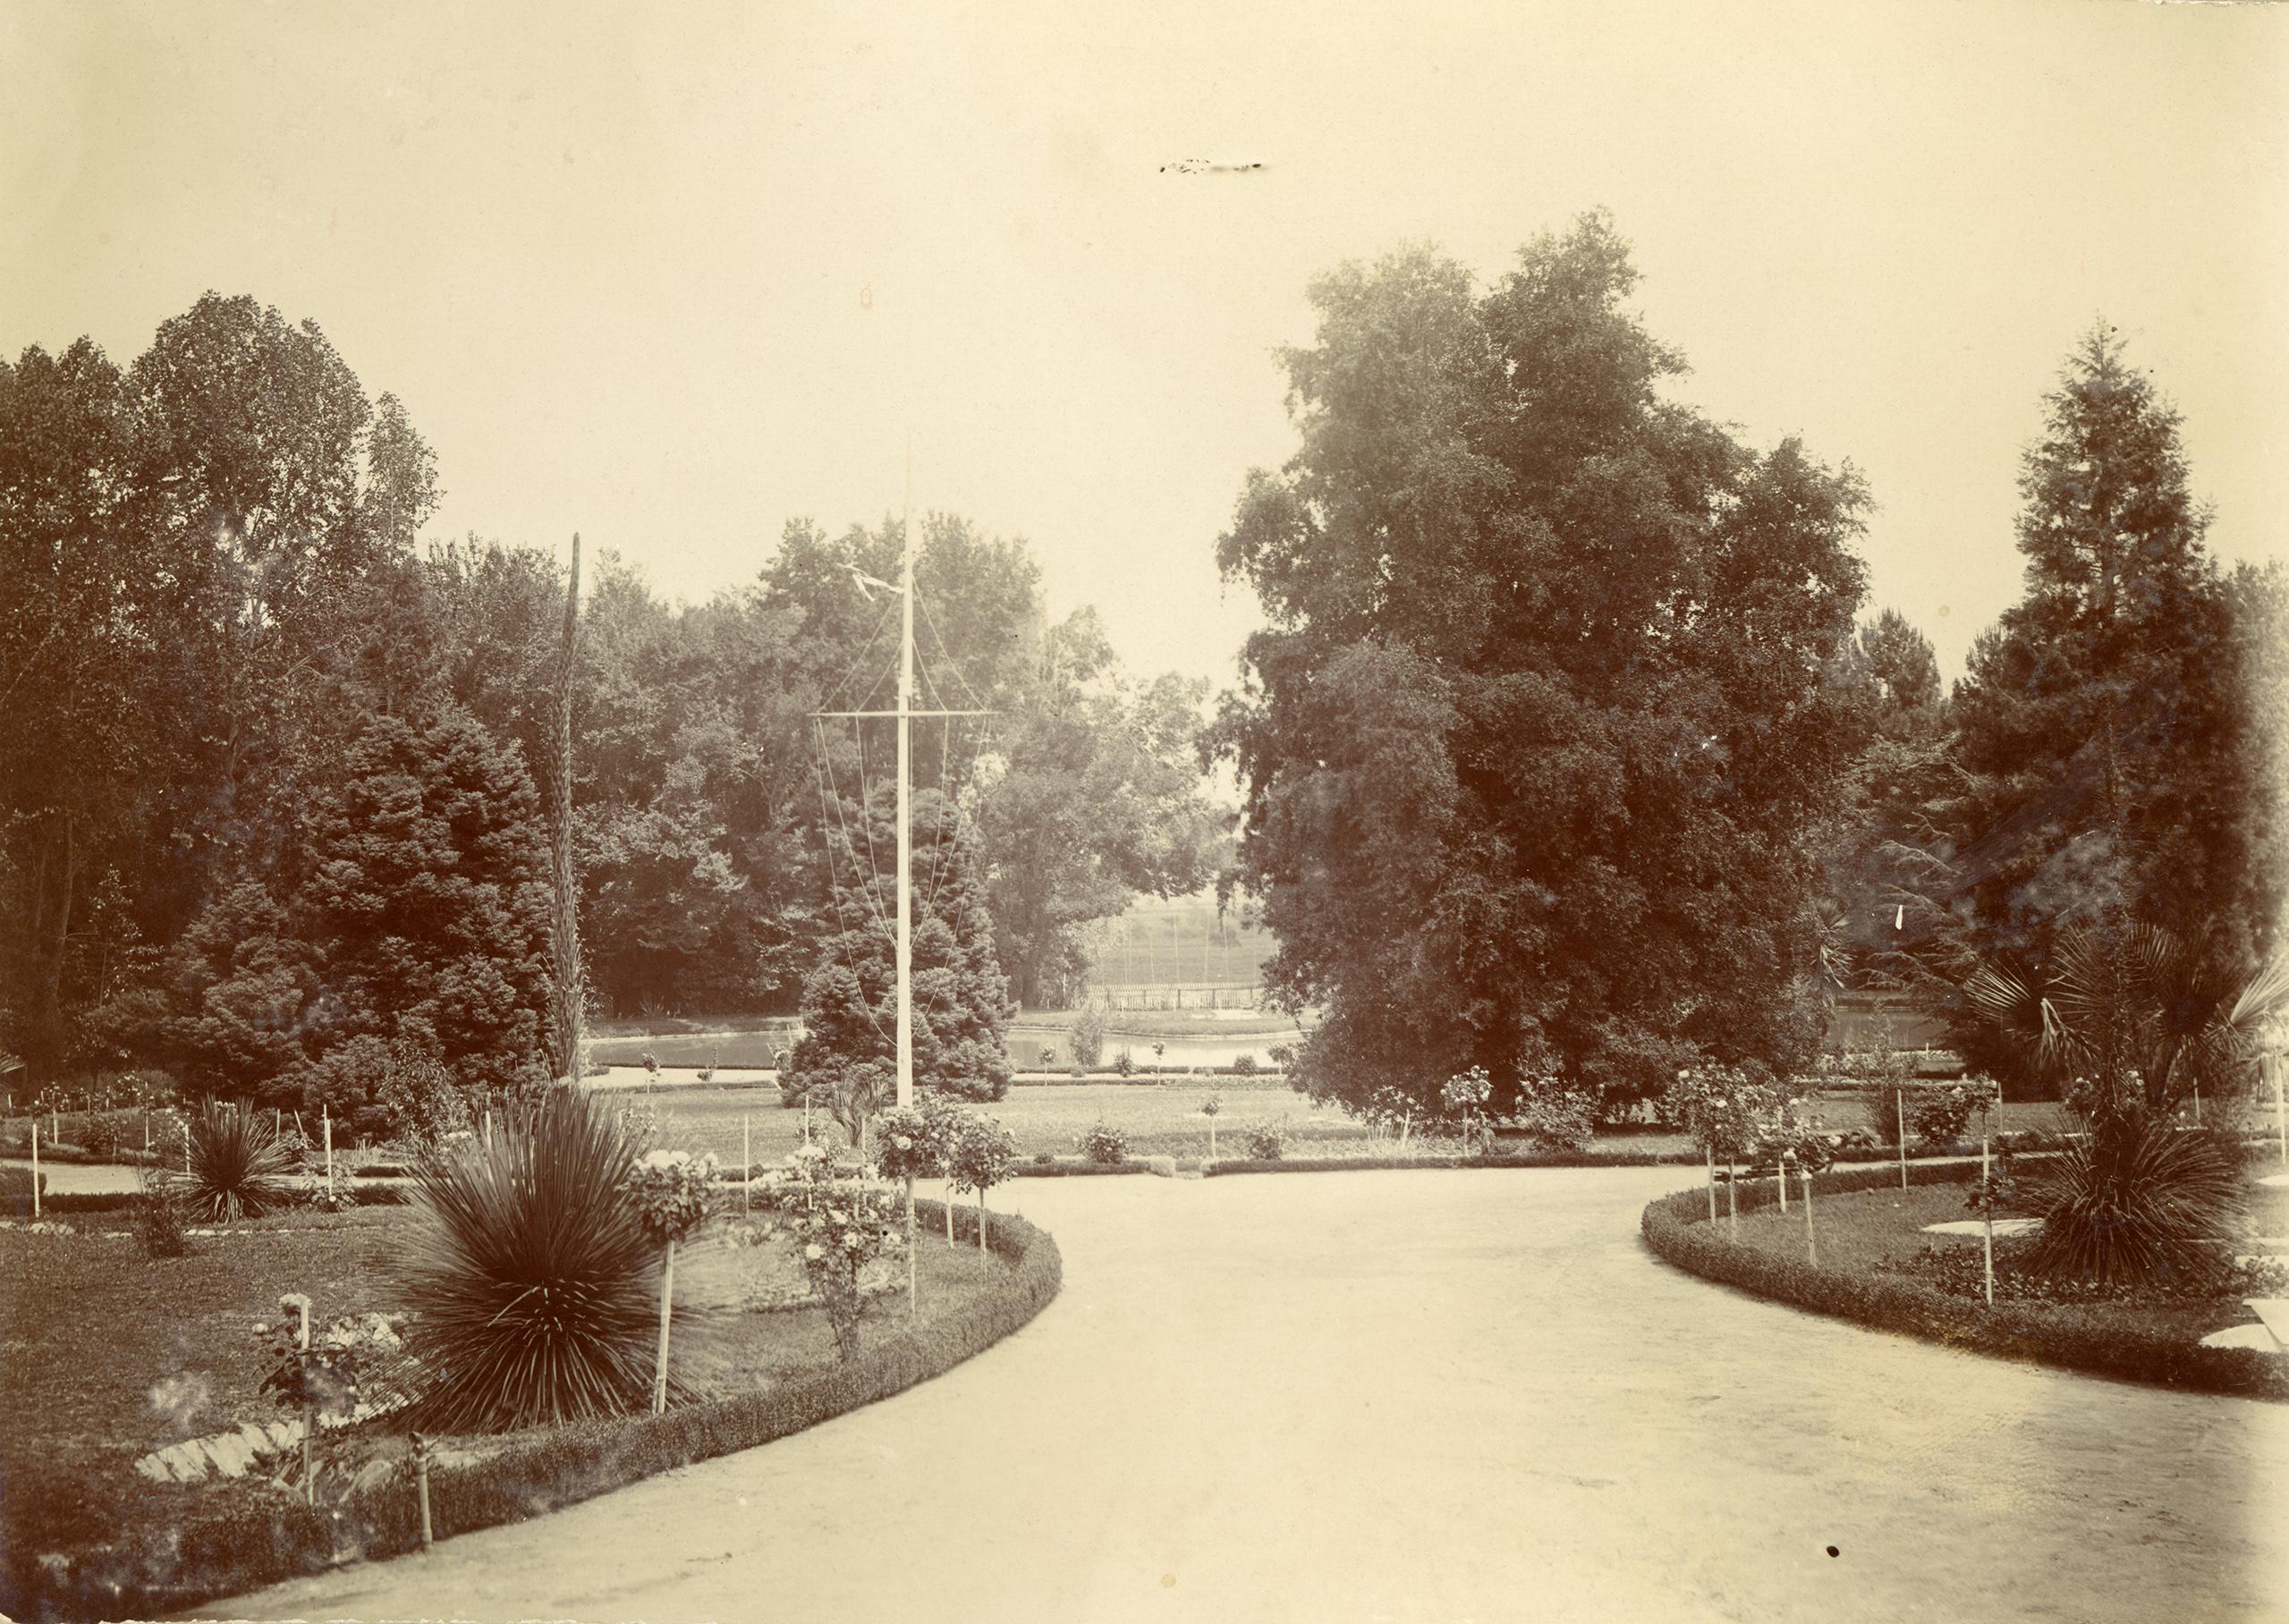 Enterreno - Fotos históricas de chile - fotos antiguas de Chile - Parque Las Majadas de Pirque, CA 1901